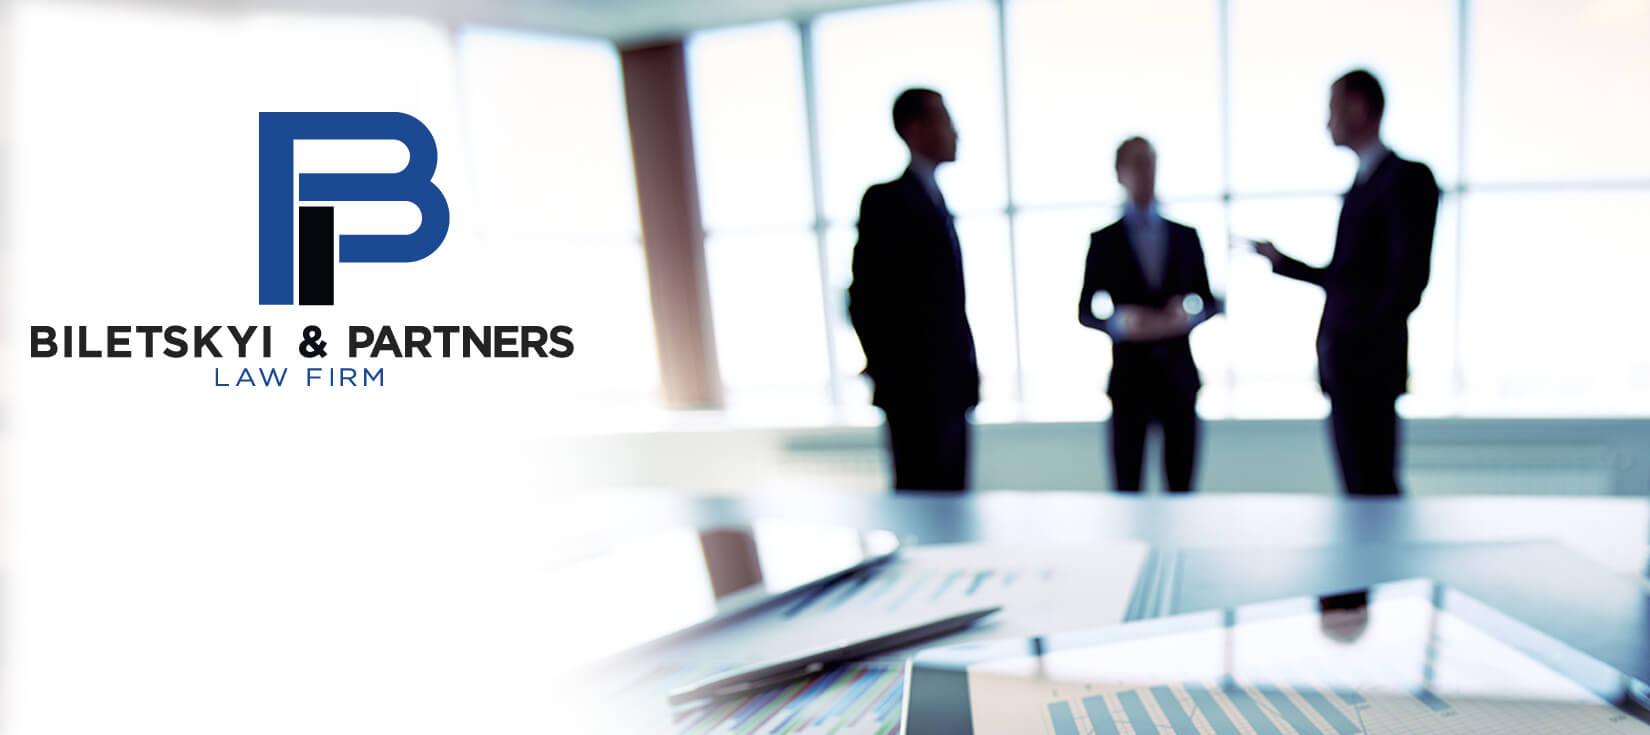 Biletskyi & Partners